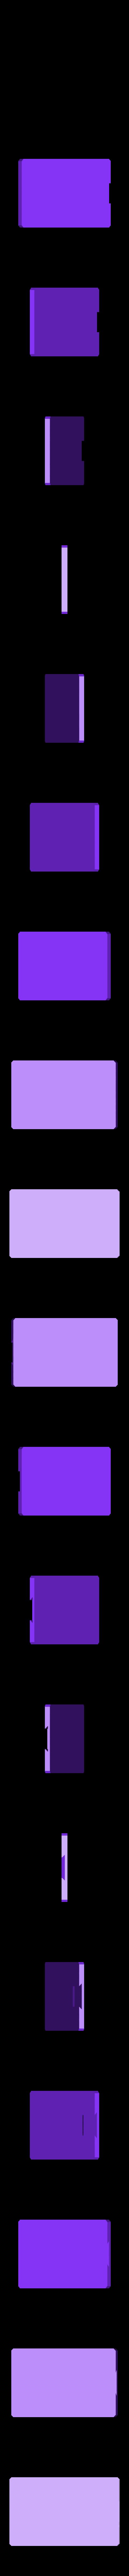 MSPlate.stl Télécharger fichier STL gratuit Support de microscope USB • Design pour impression 3D, Duskwin